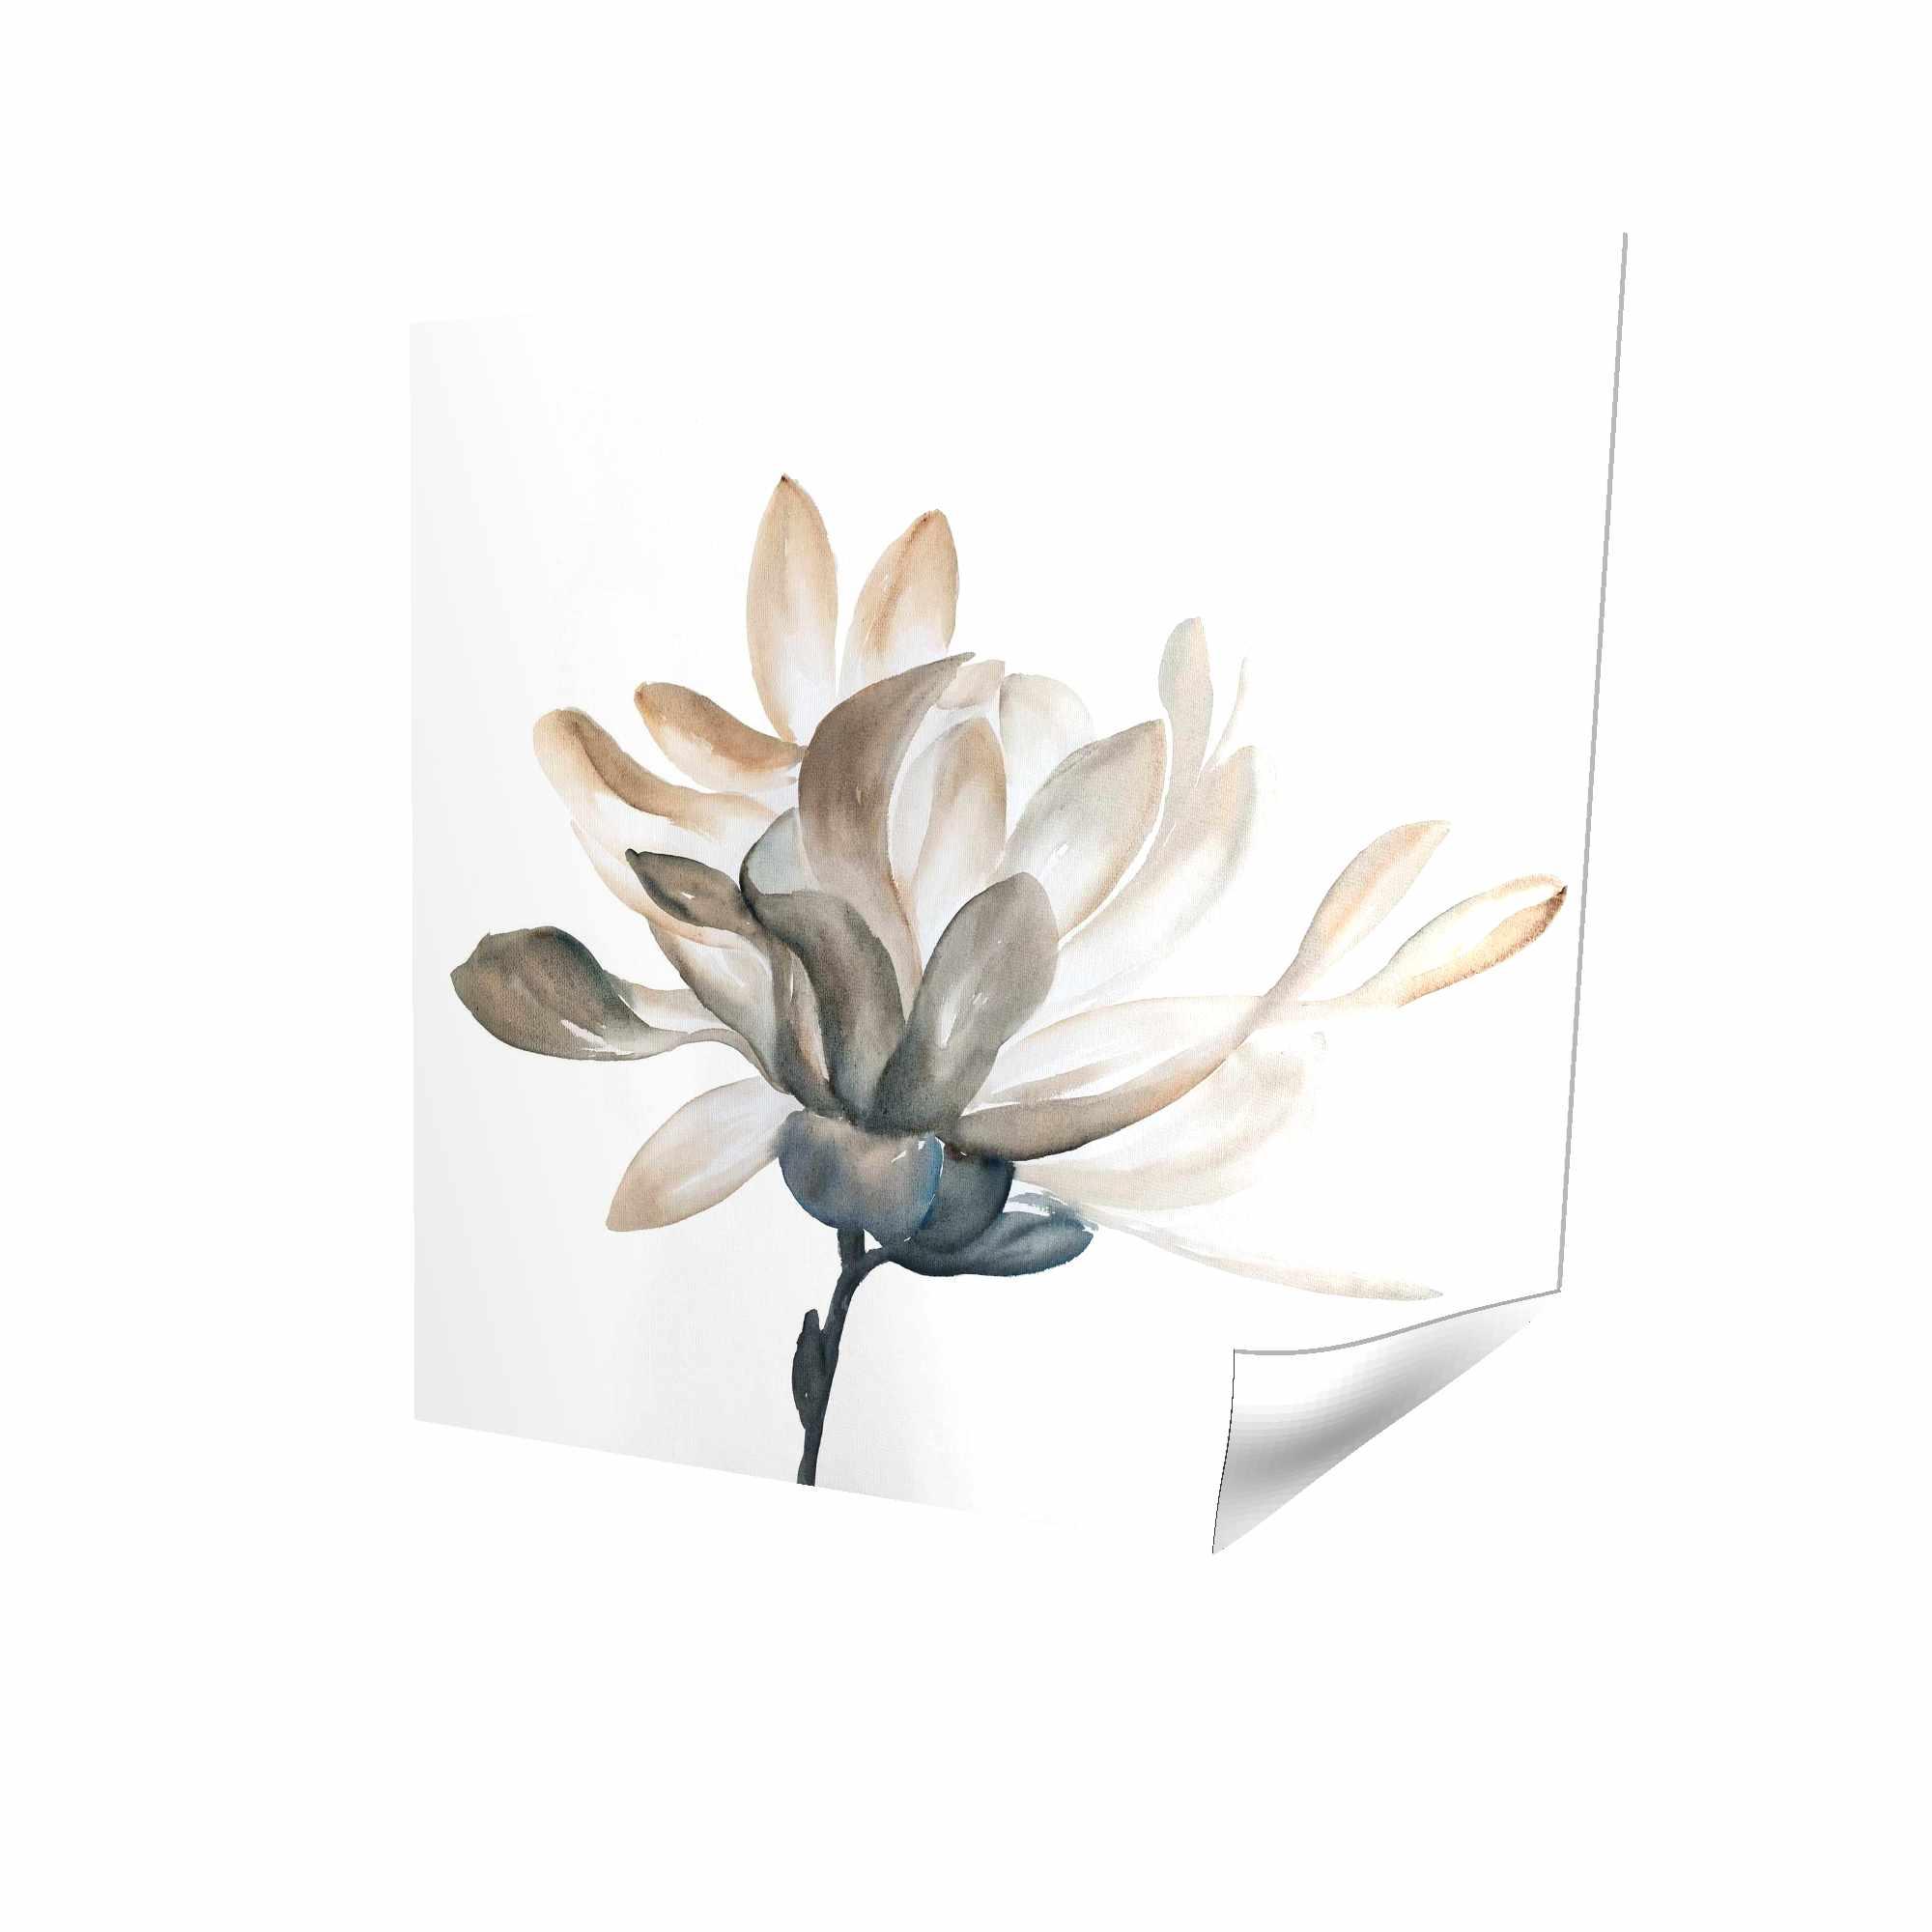 Poster 16 x 16 - 3D - Softness